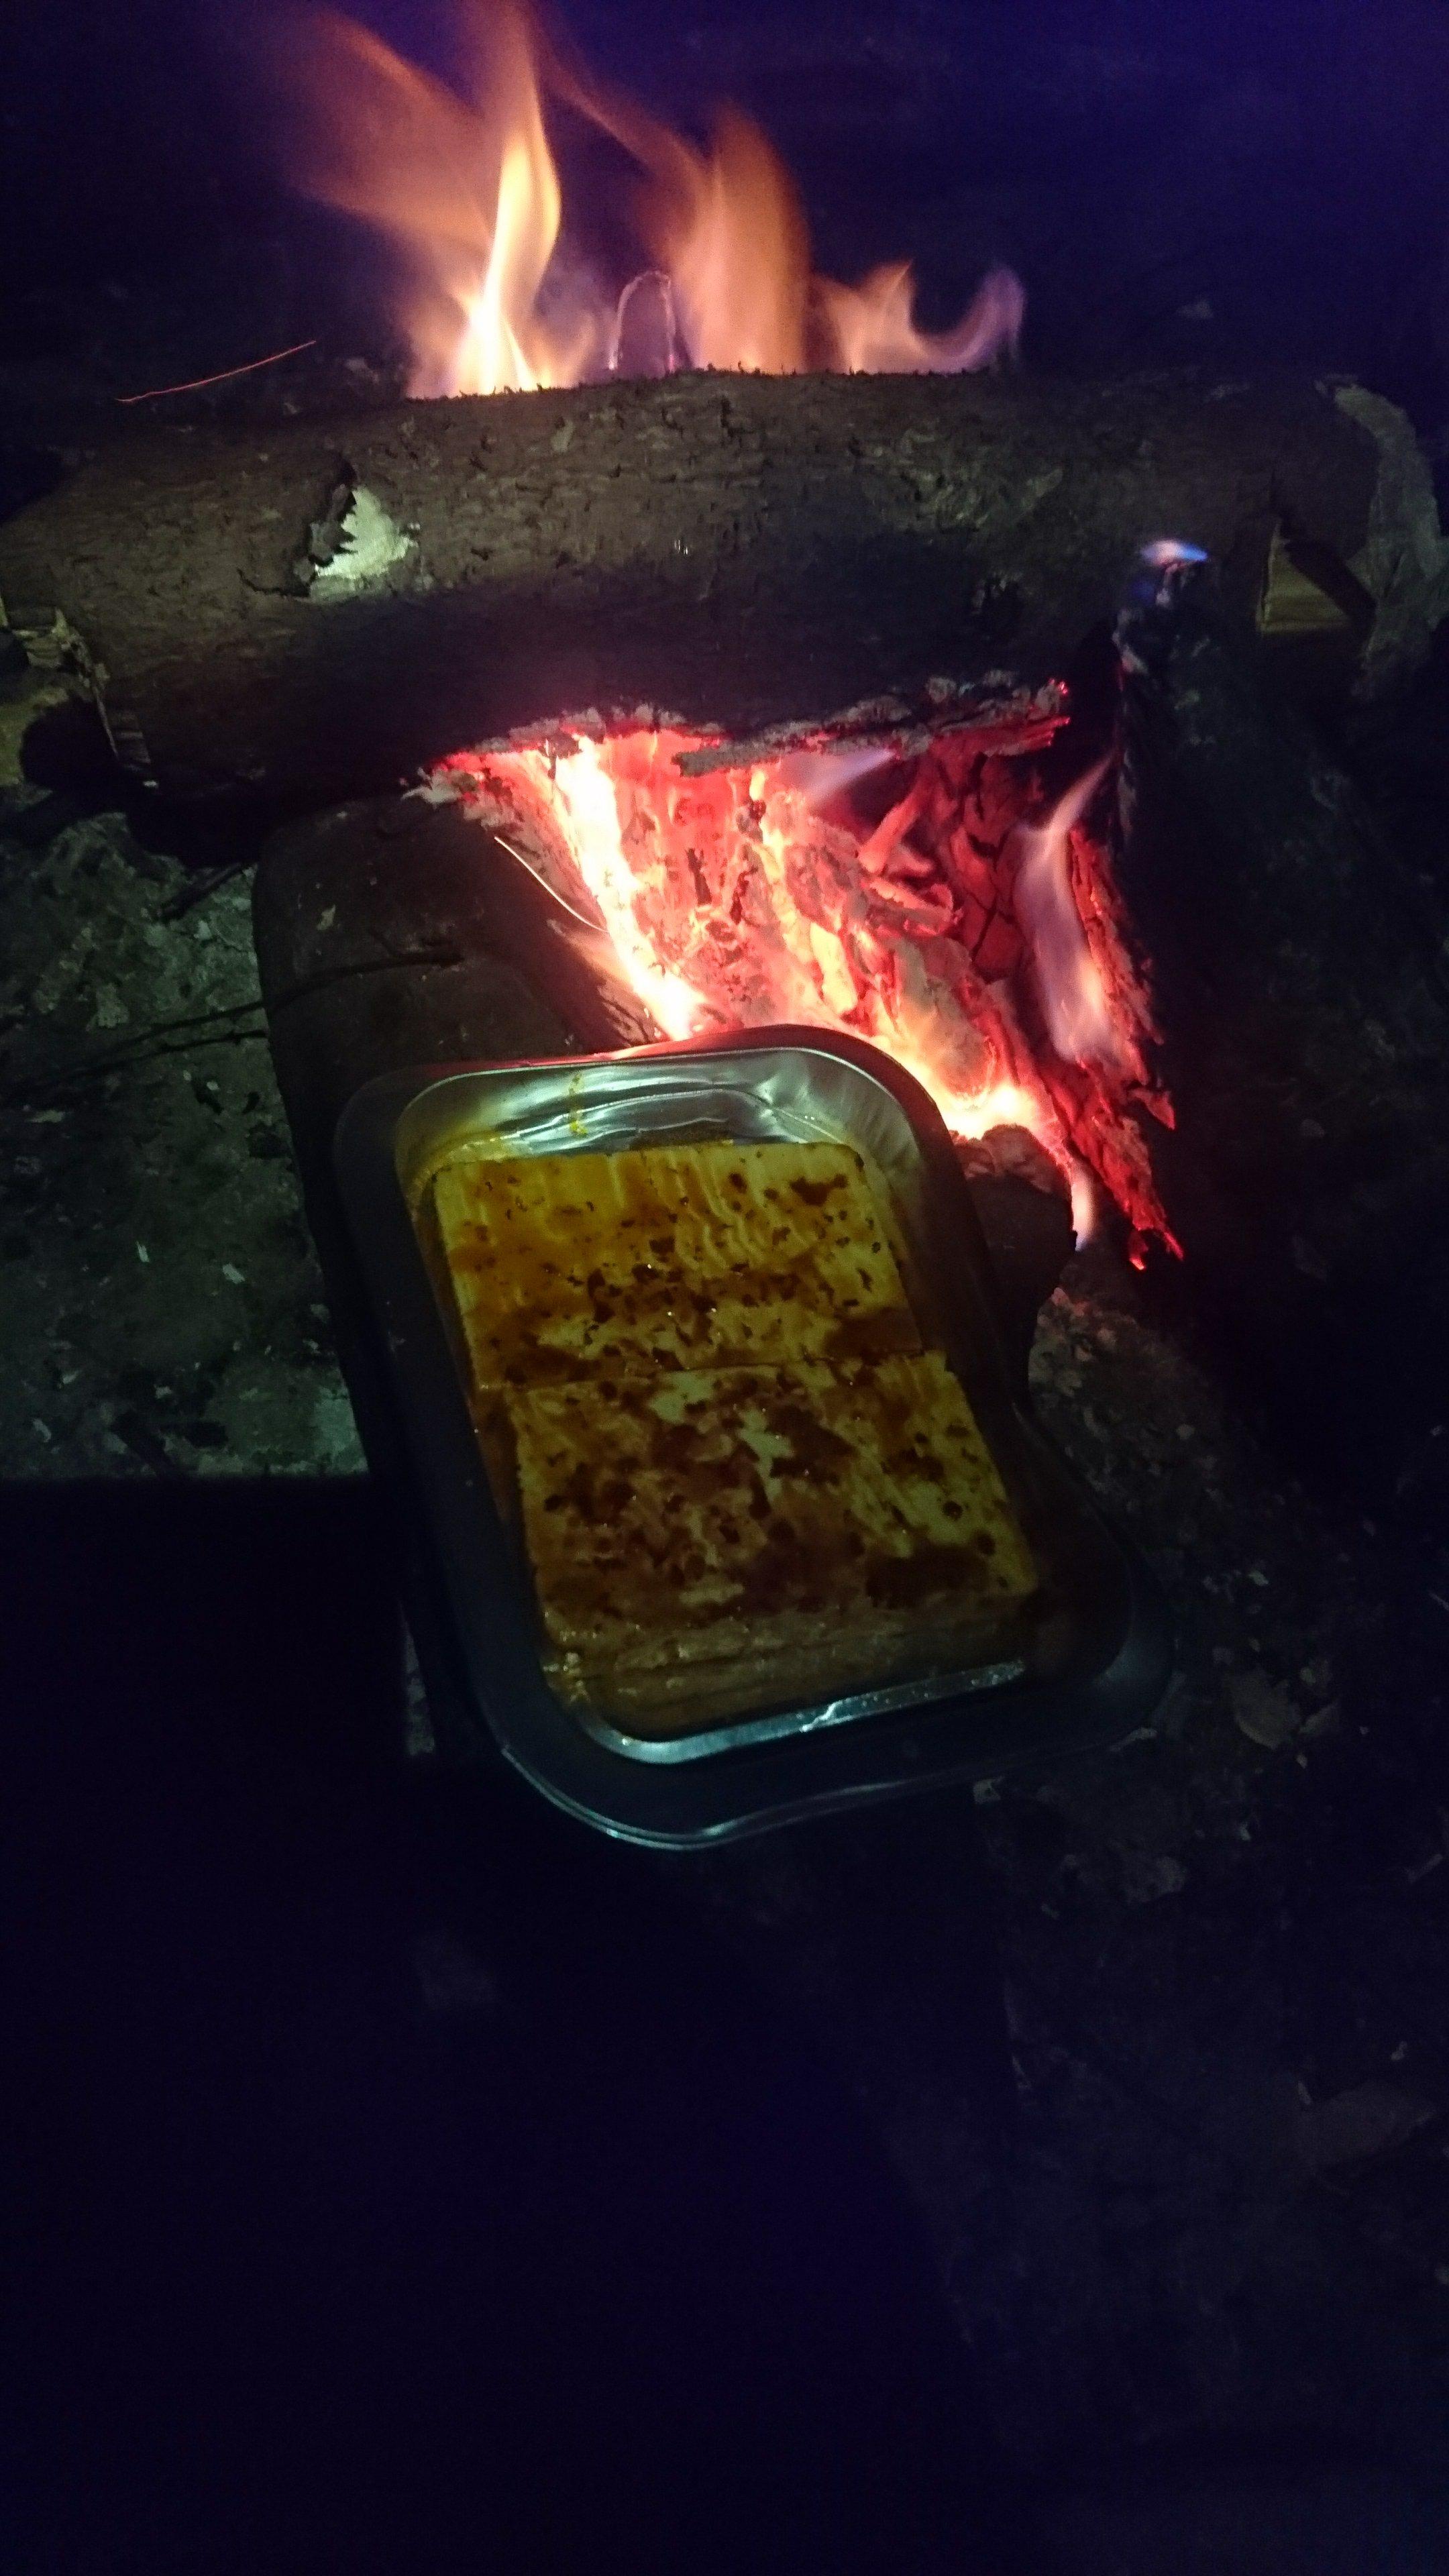 grillkäse